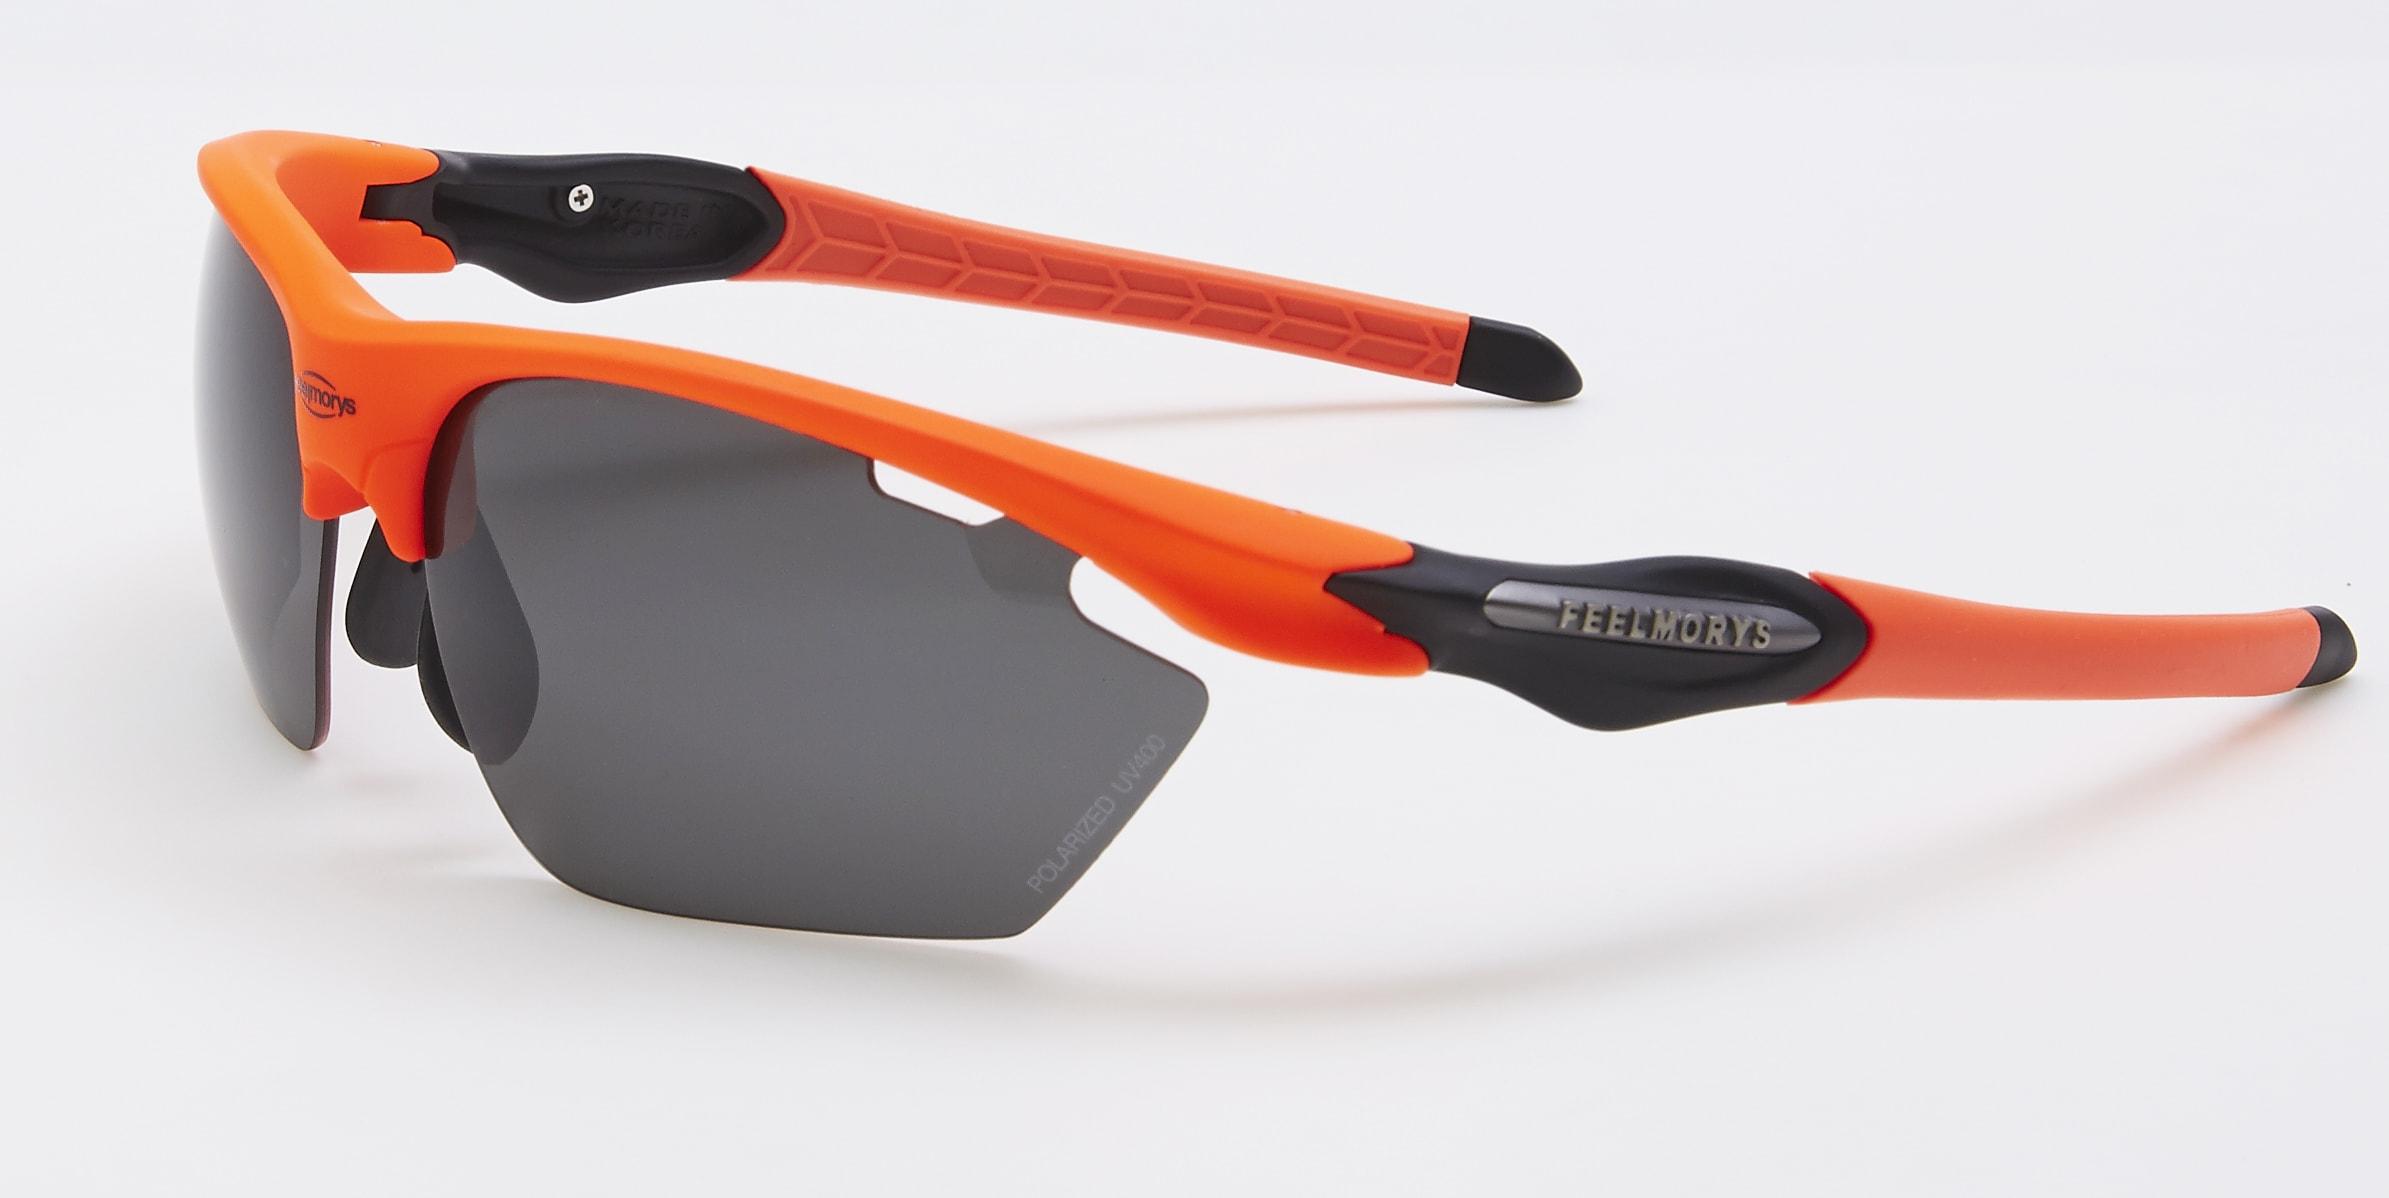 lateral feel morys ms-049 naranja